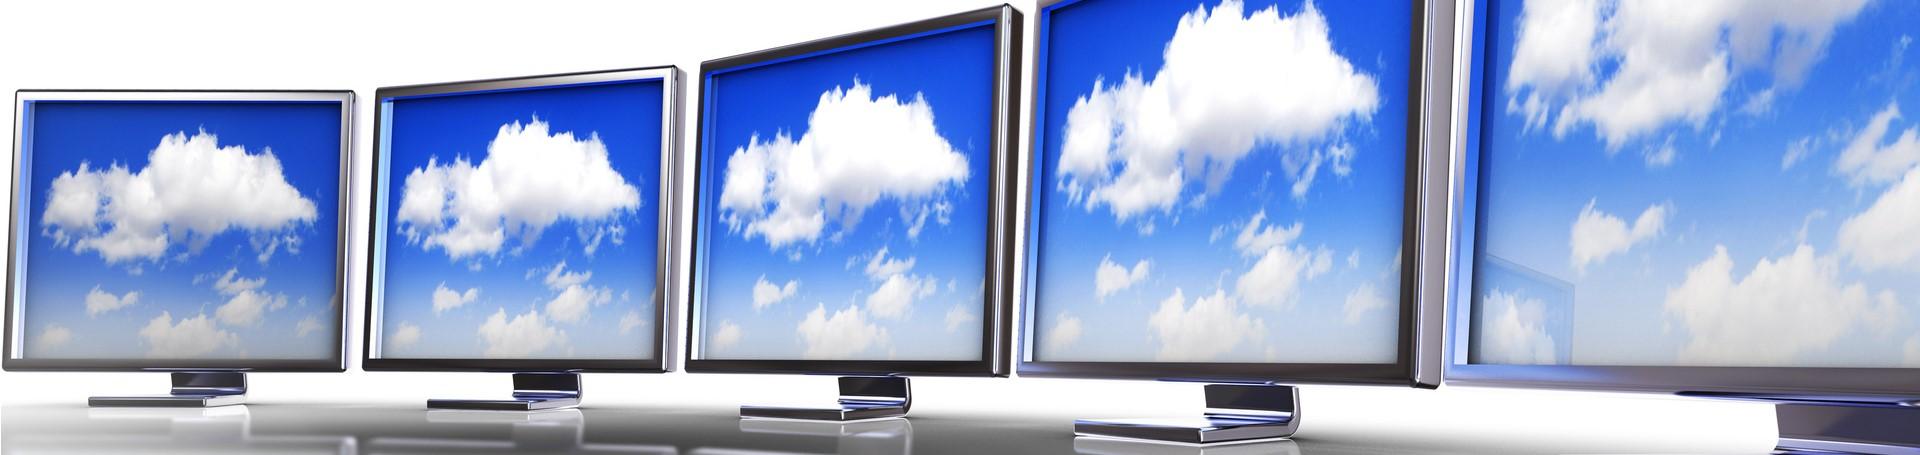 Cloud on monitors